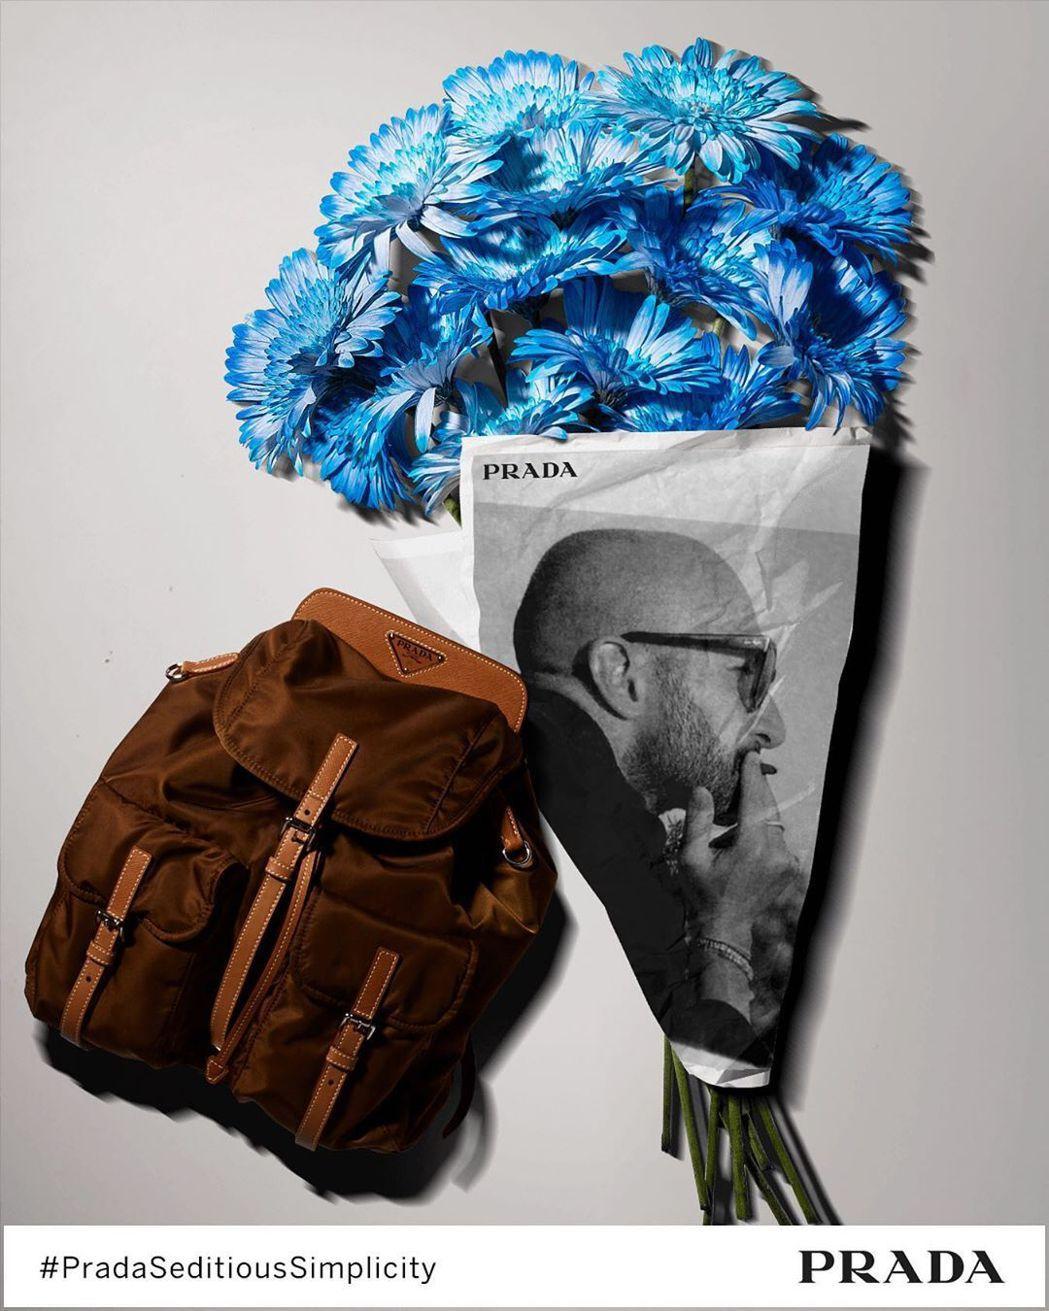 PRADA特別打造了數位互動體驗的遊戲,可以製作印有自己肖像的花束與包款美圖。圖...